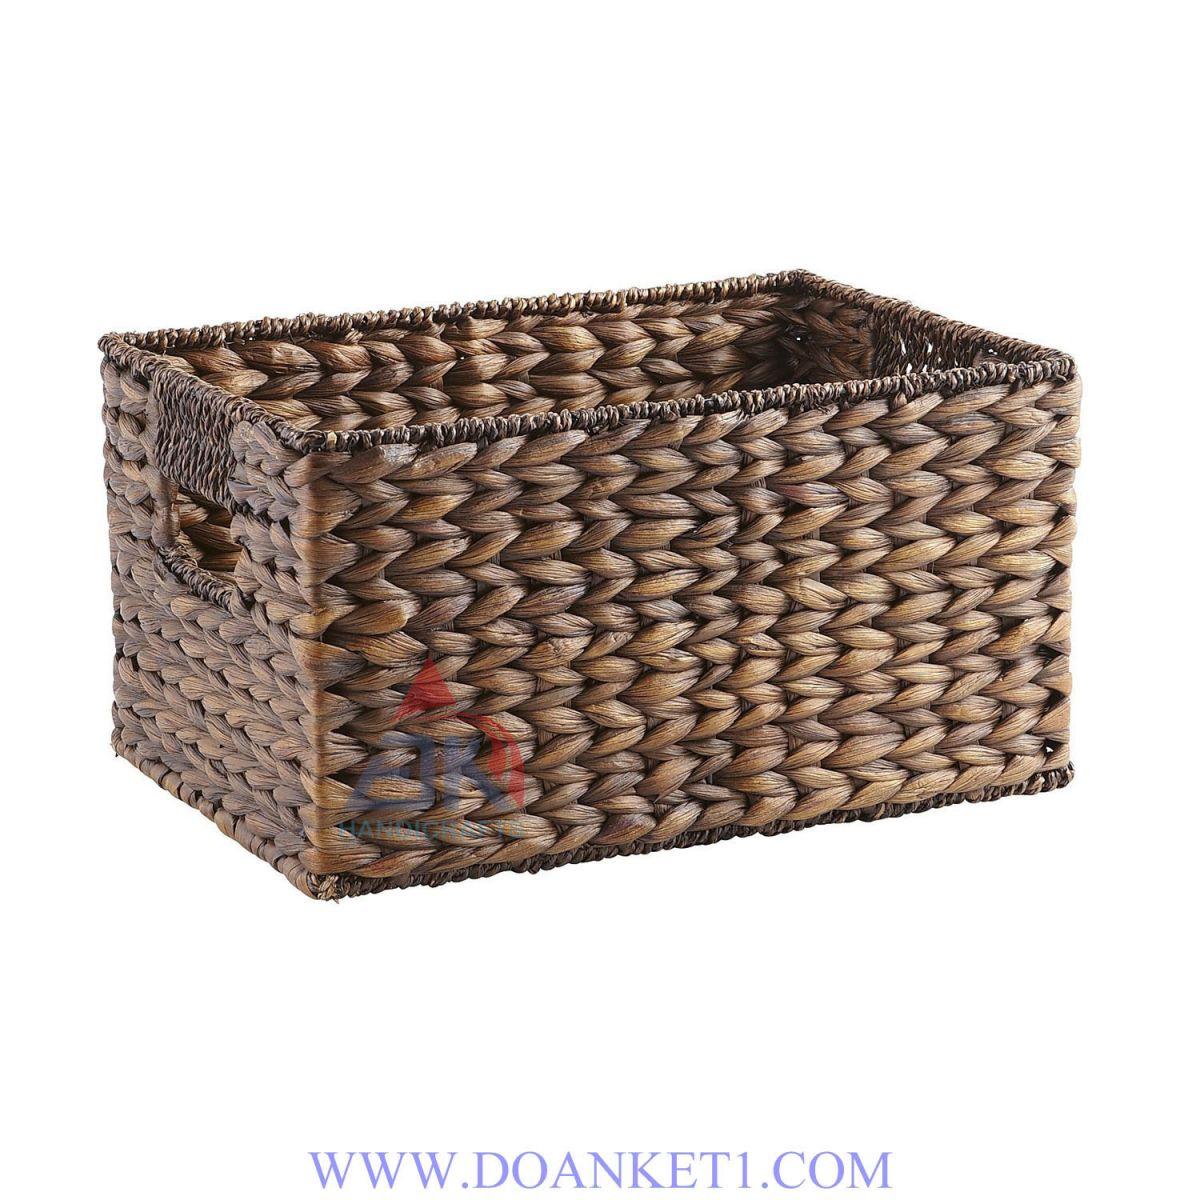 Water Hyacinth Storage Basket # DK267